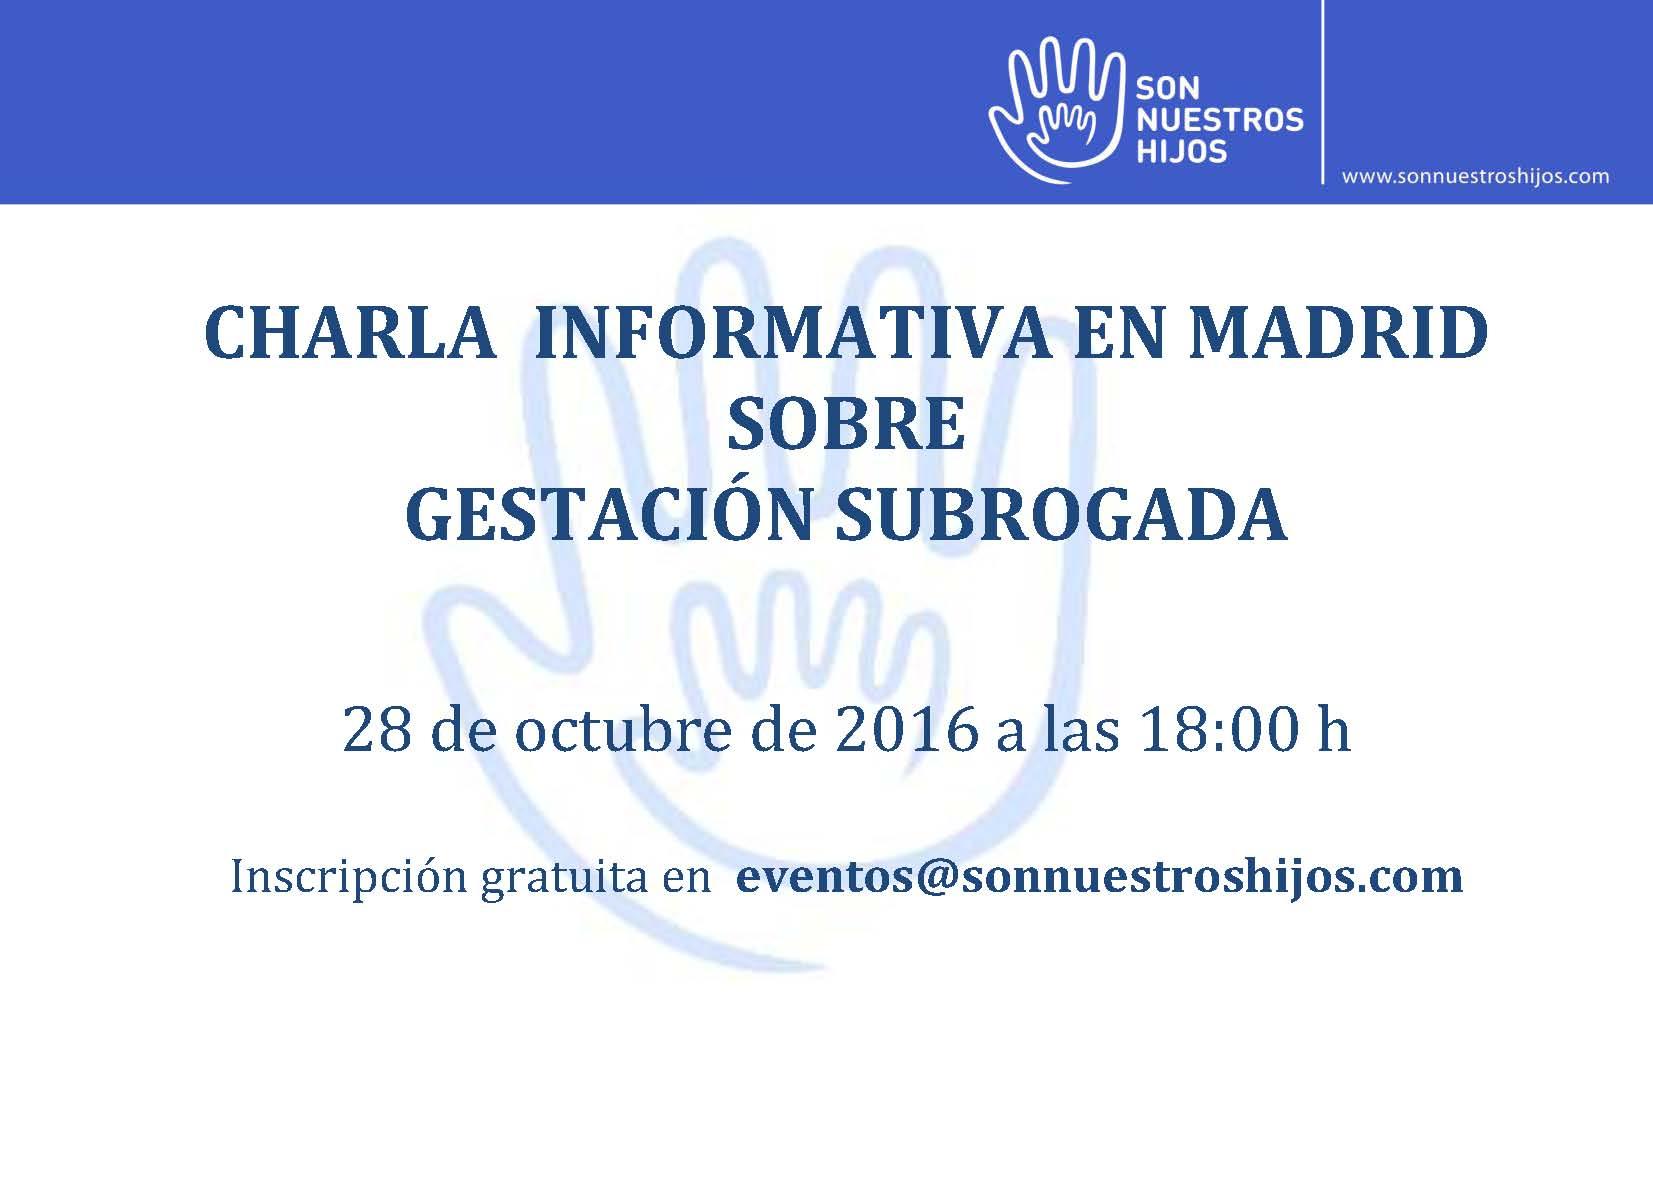 CHARLA INFORMATIVA DE SNH EN MADRID SOBRE GESTACIÓN SUBROGADA